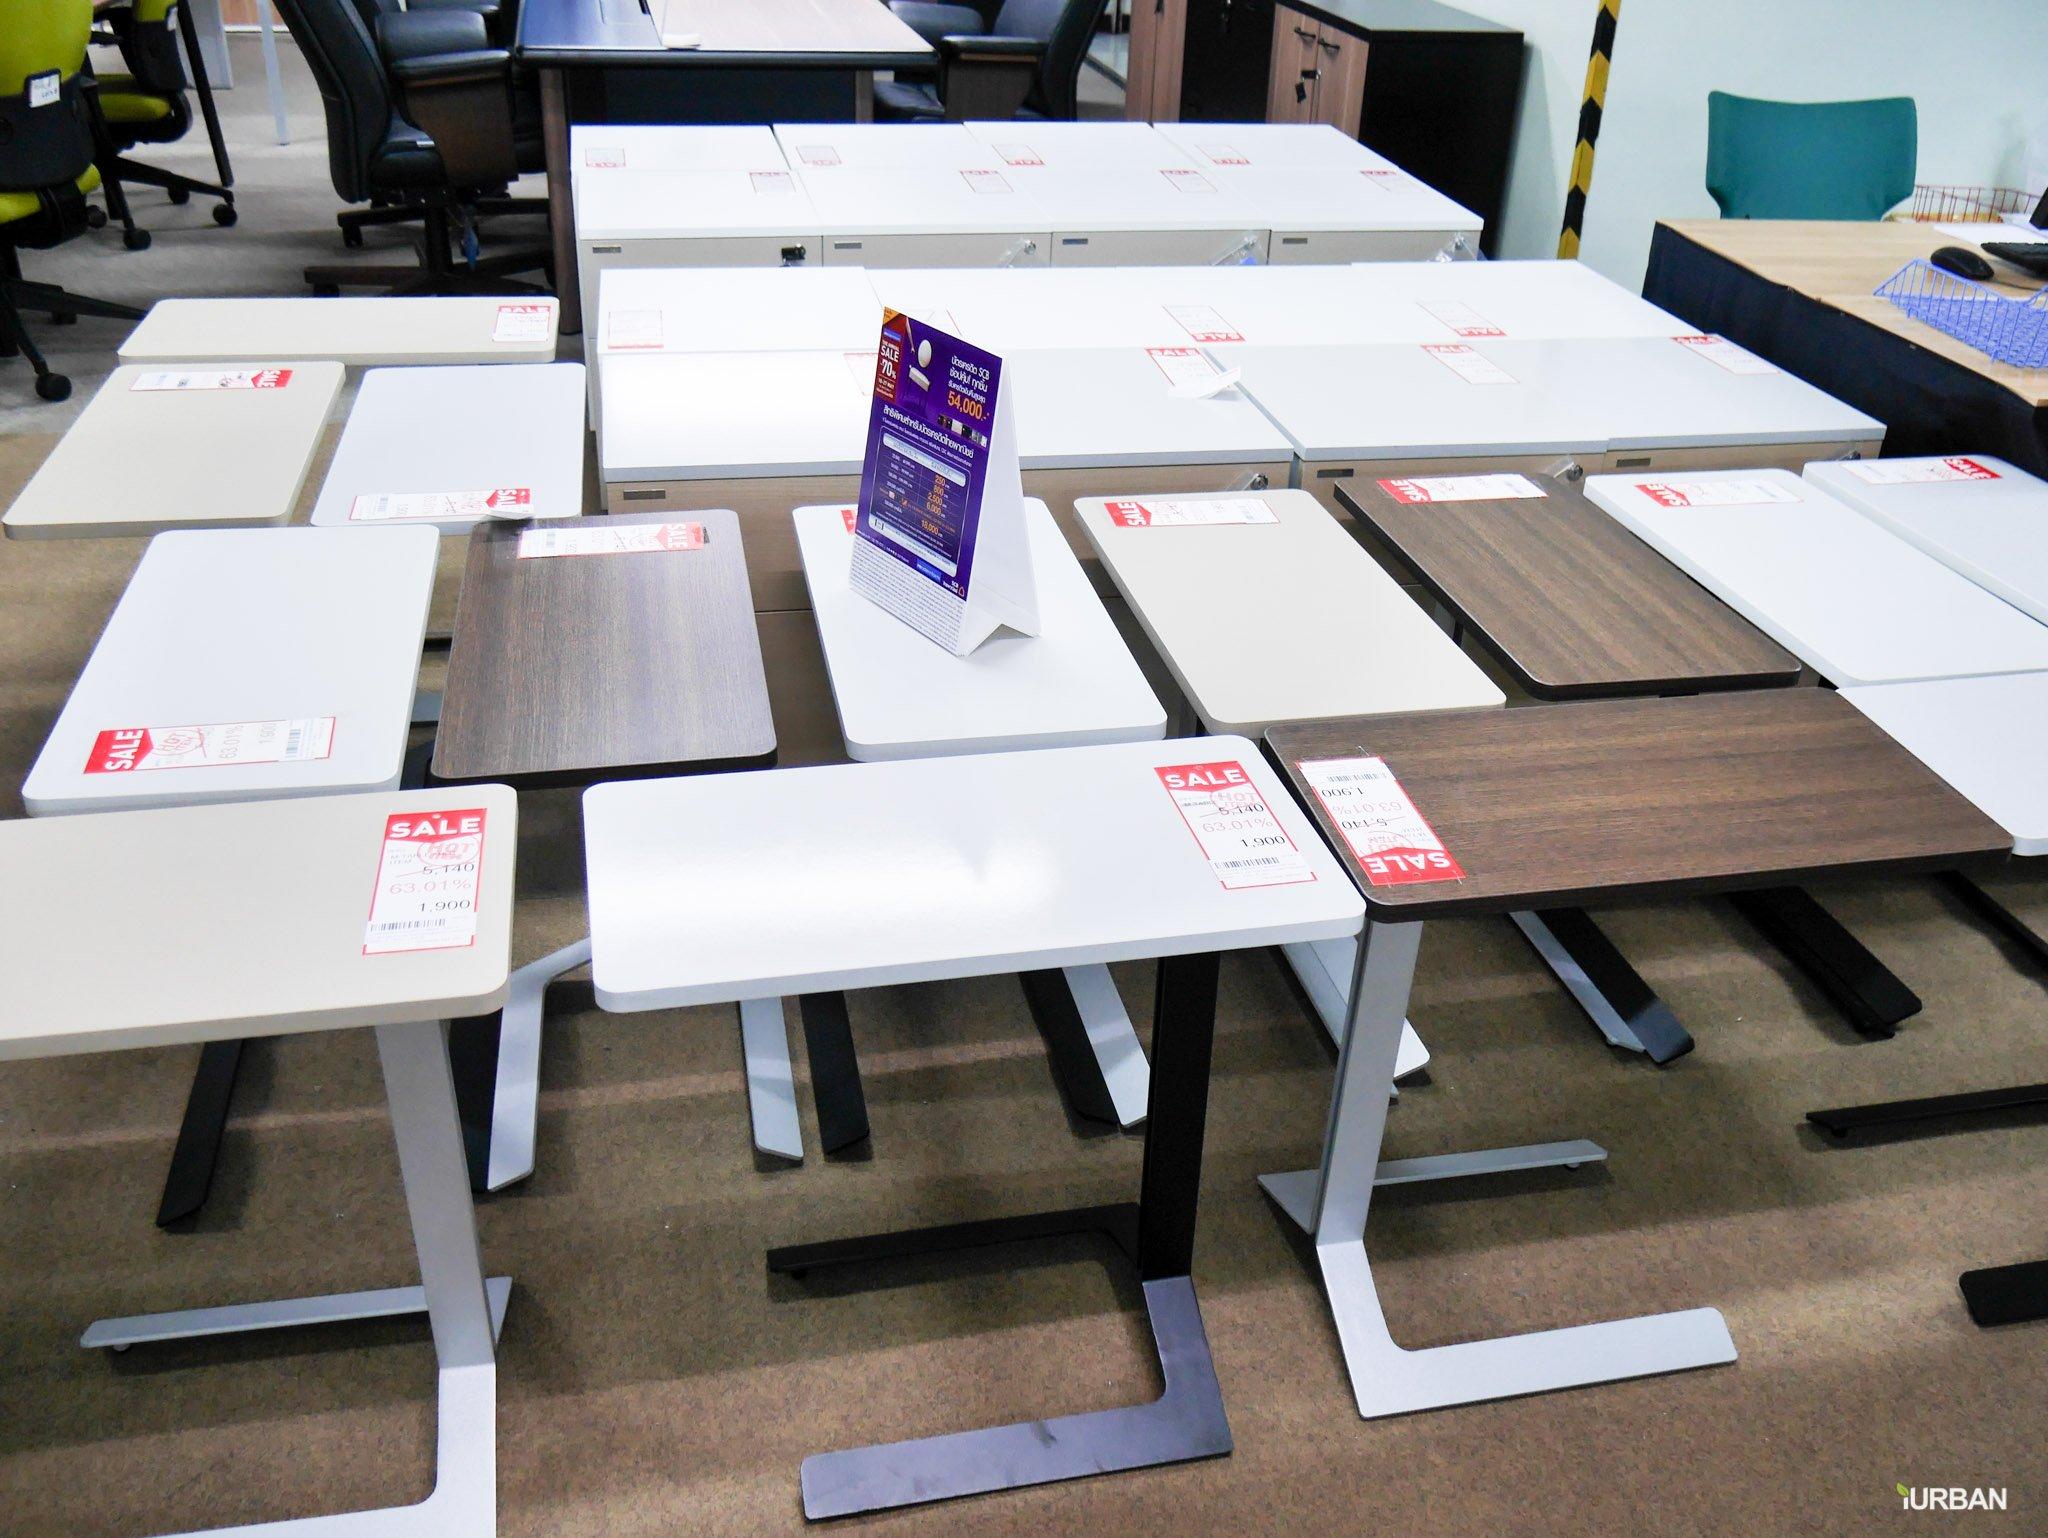 MODERNFORM THE ANNUAL SALE 2018 ลดทุกชิ้นสูงสุด 70% (10 วันเท่านั้น!) เก้าอี้ทำงานสวยเพื่อสุขภาพเพียบ!! 53 - Modernform (โมเดอร์นฟอร์ม)